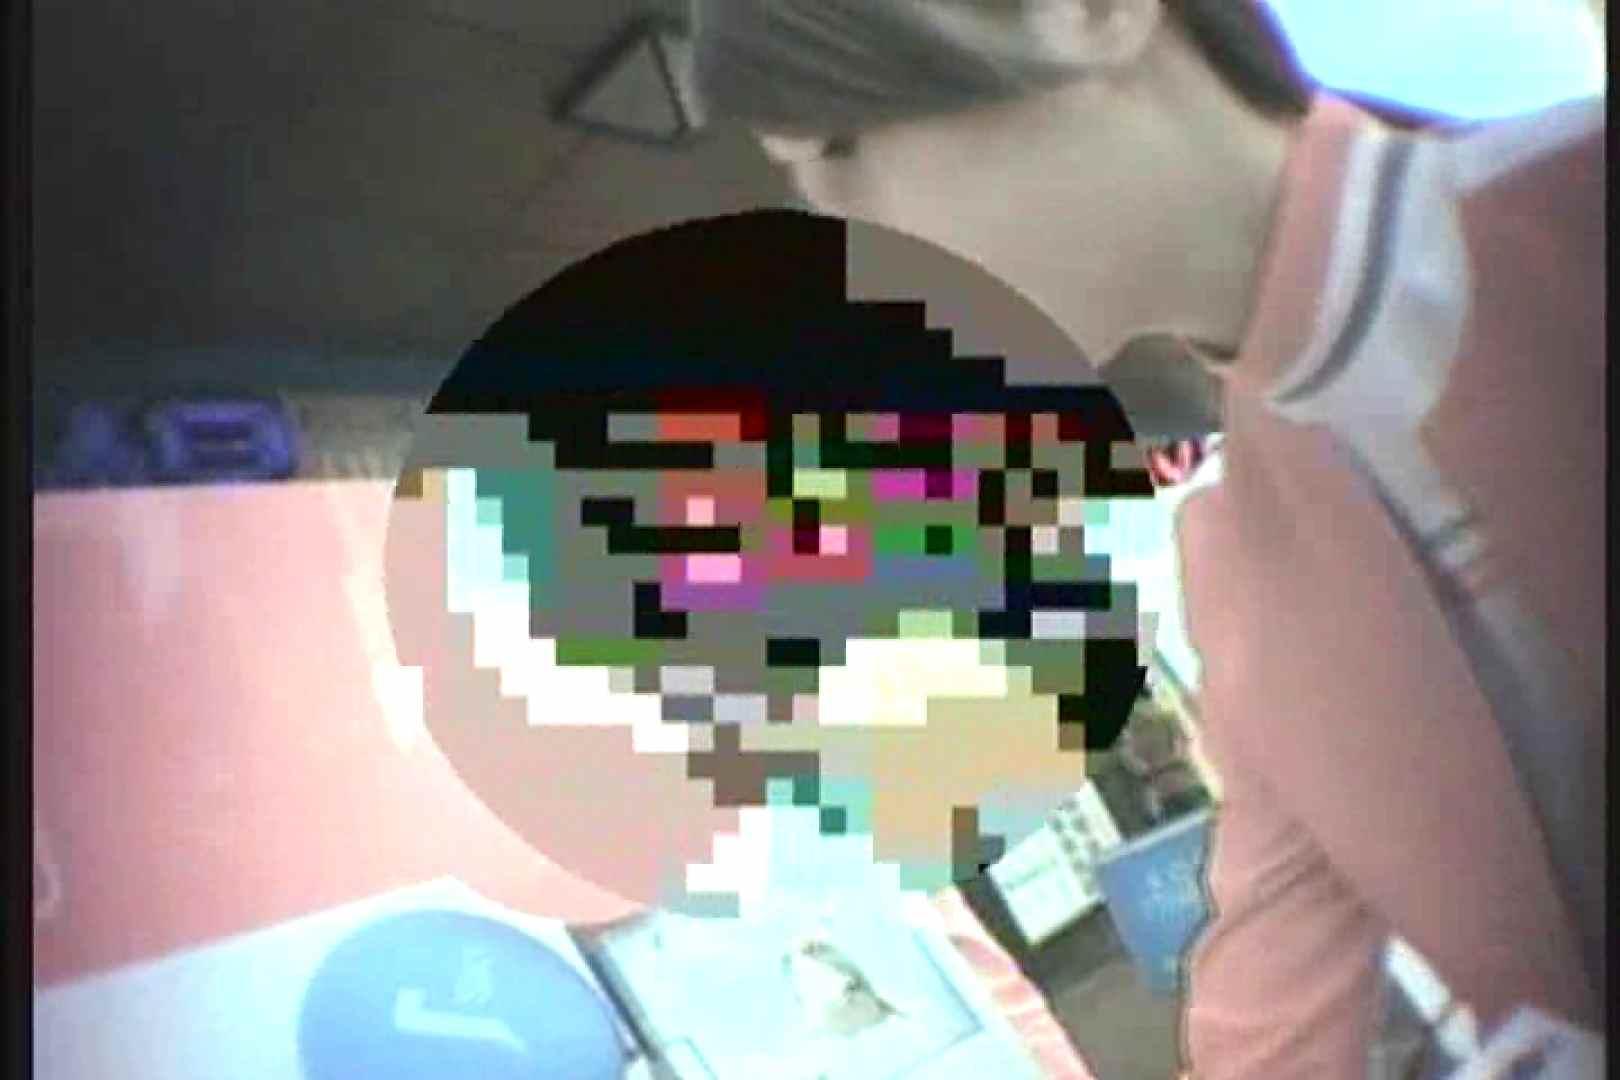 家電系ストッキングスケスケパンツVol.4 パンチラ セックス画像 94画像 4